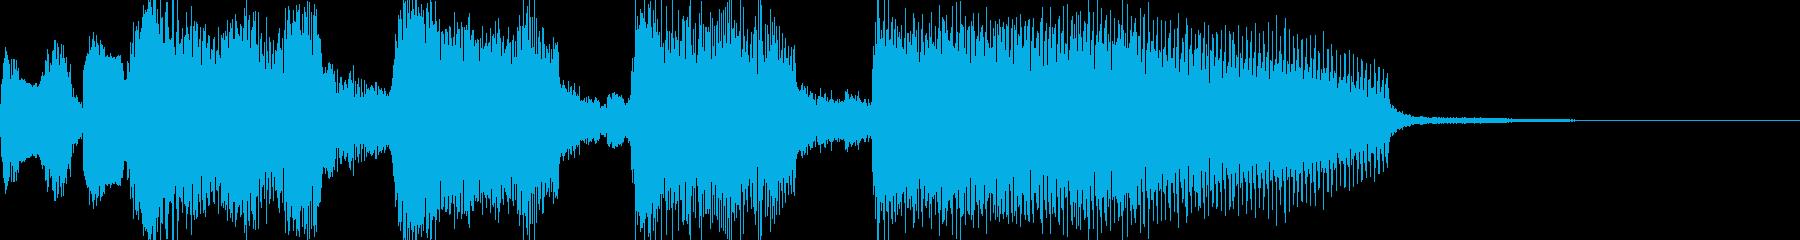 ファンクなワウギターのジングルの再生済みの波形